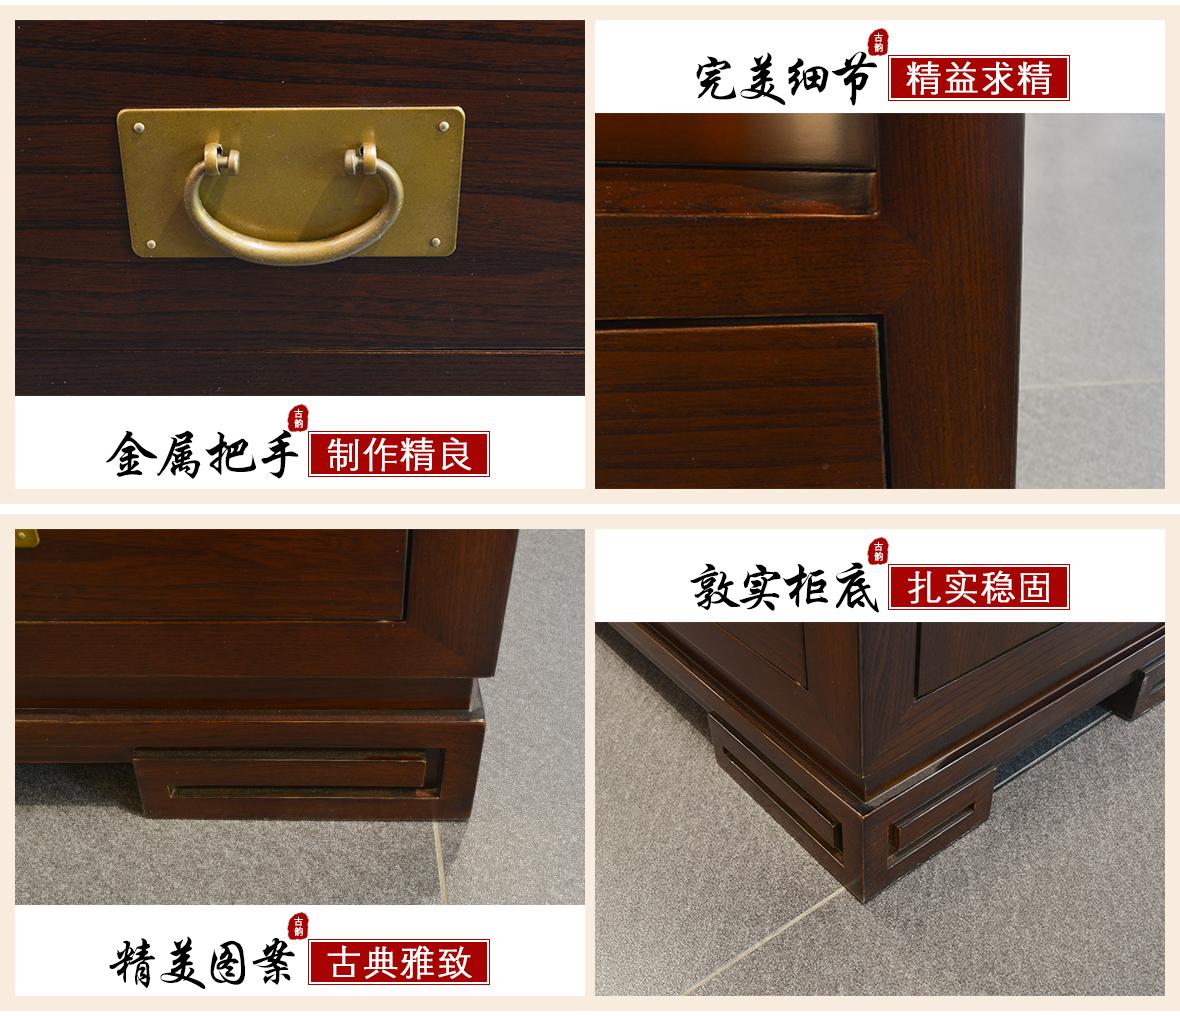 祥华坊家具 XJD-DG00413型号回纹足四屉电视柜 中式古典风格 细节